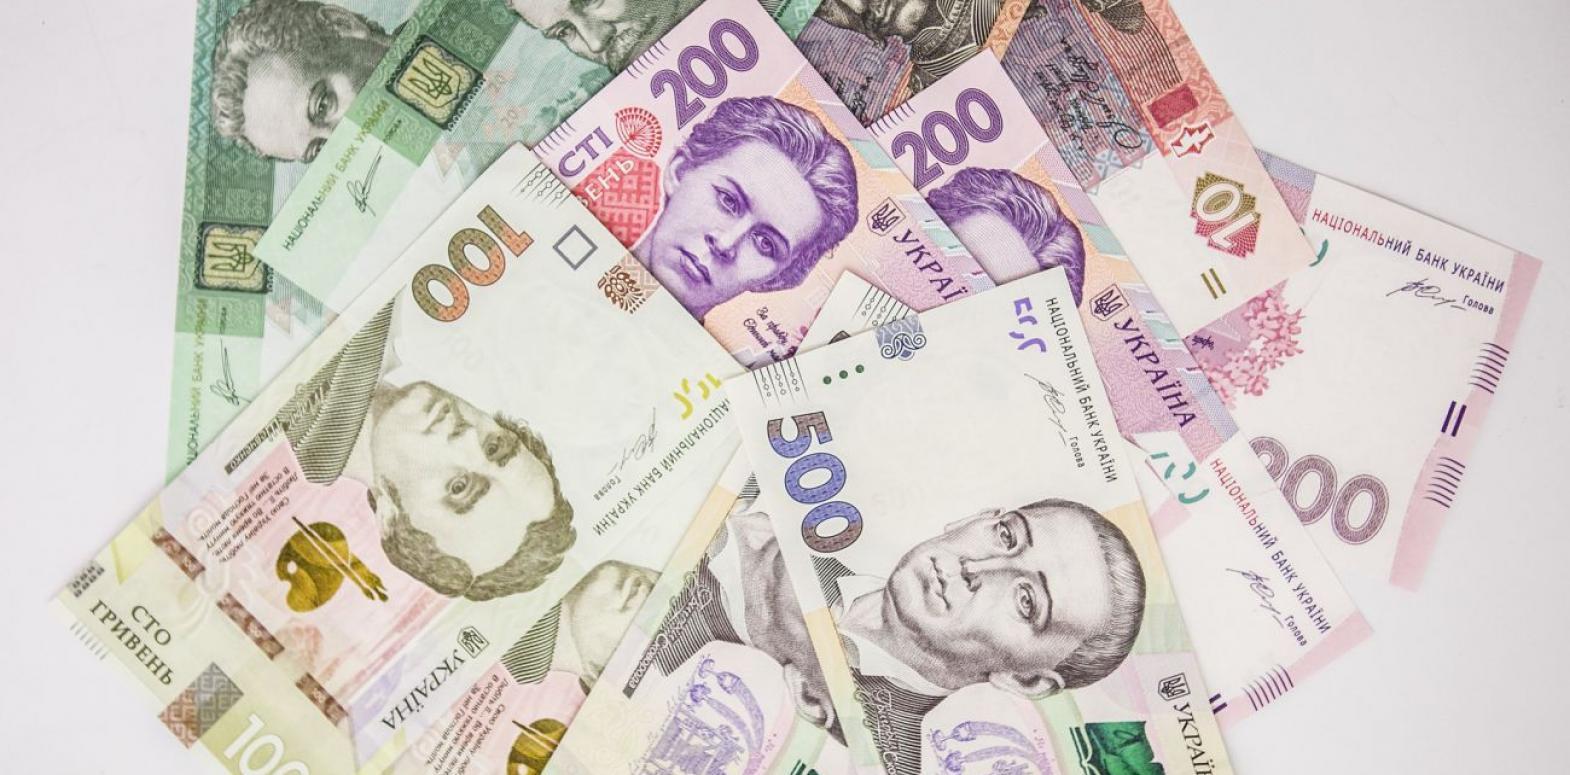 Банки ожидают увеличения спроса на ипотеку и потребительские кредиты